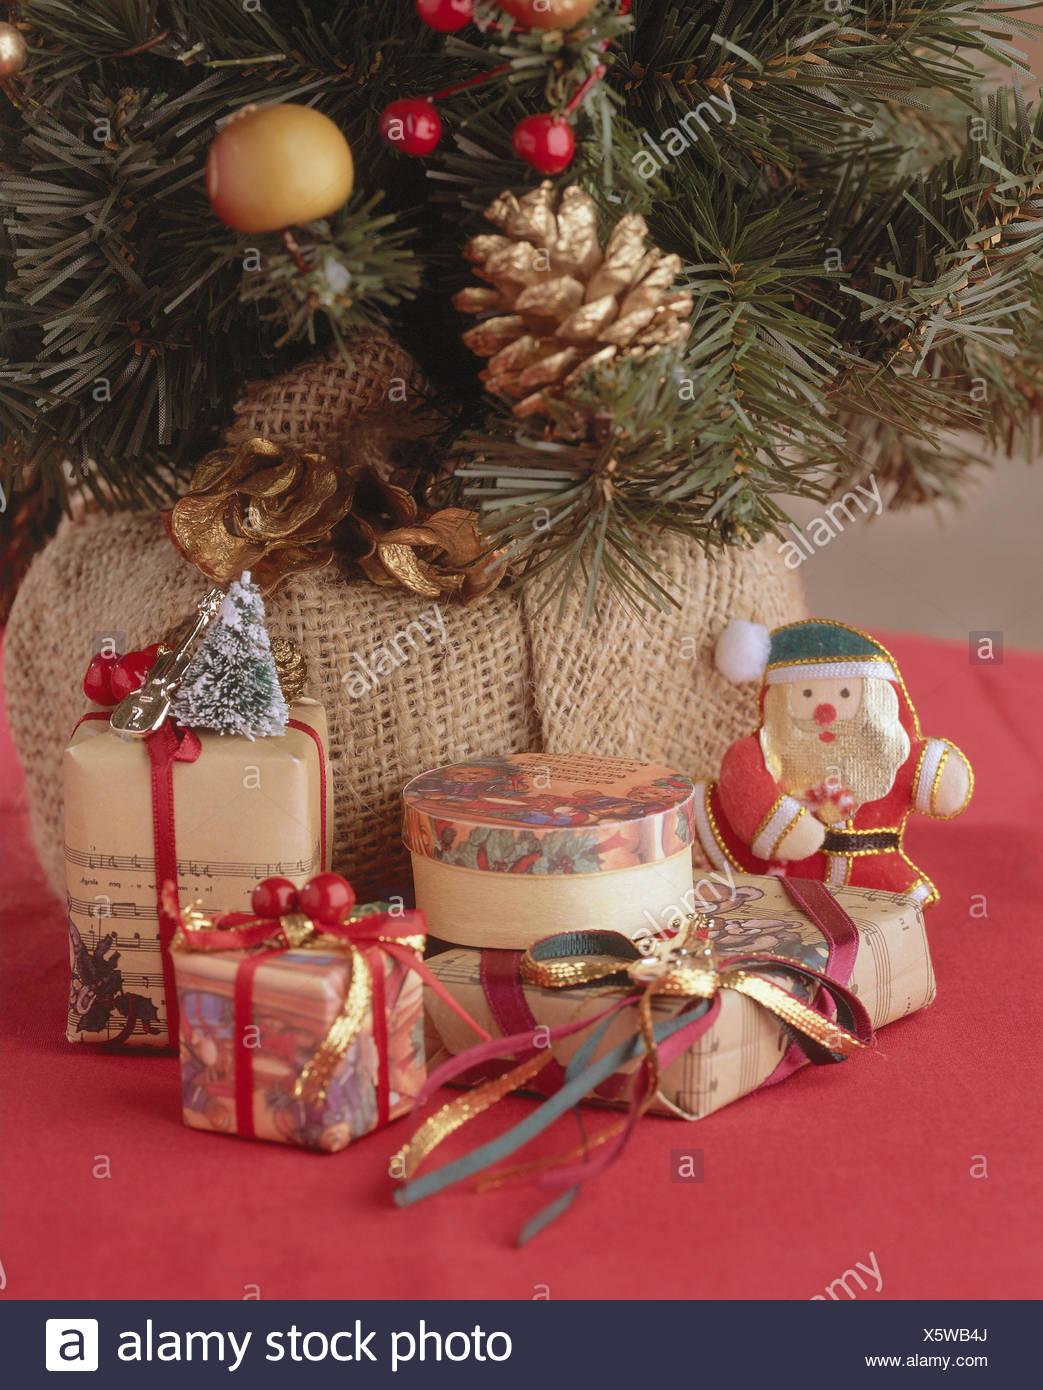 Weihnachten Nostalgisch.Weihnachtsbaum Geschenke Detail Nostalgie Nostalgisch